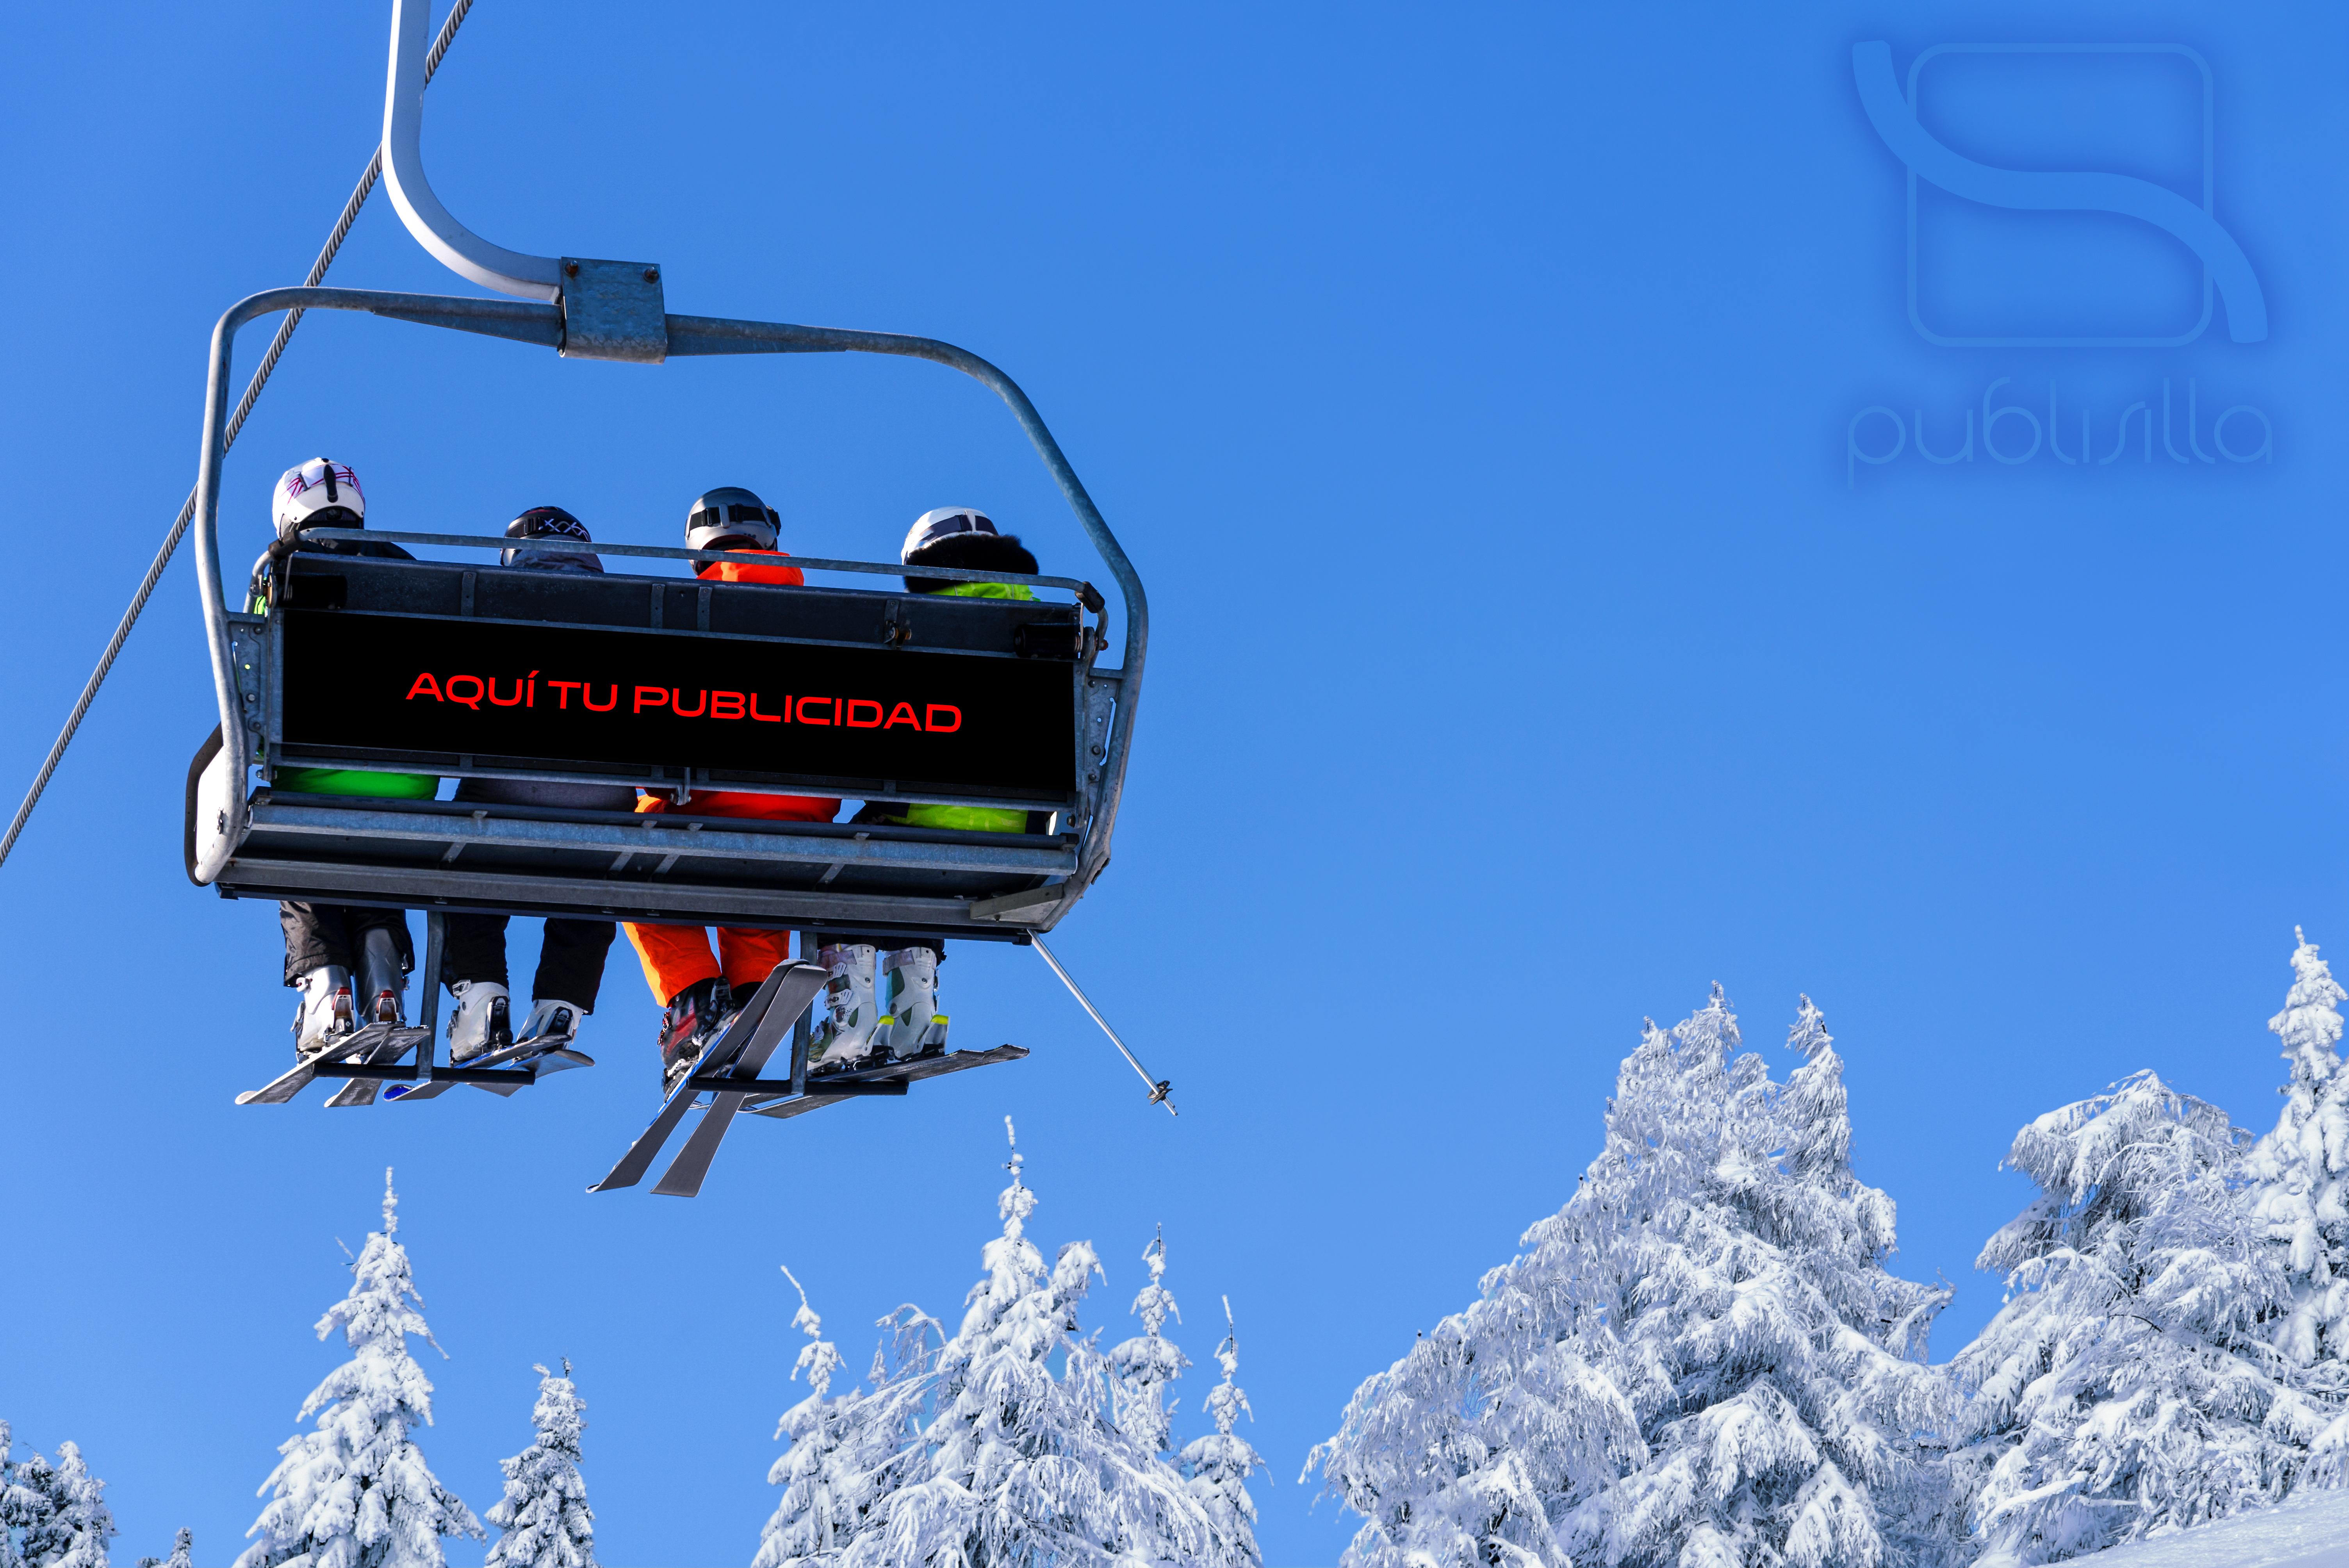 ski-chairlift